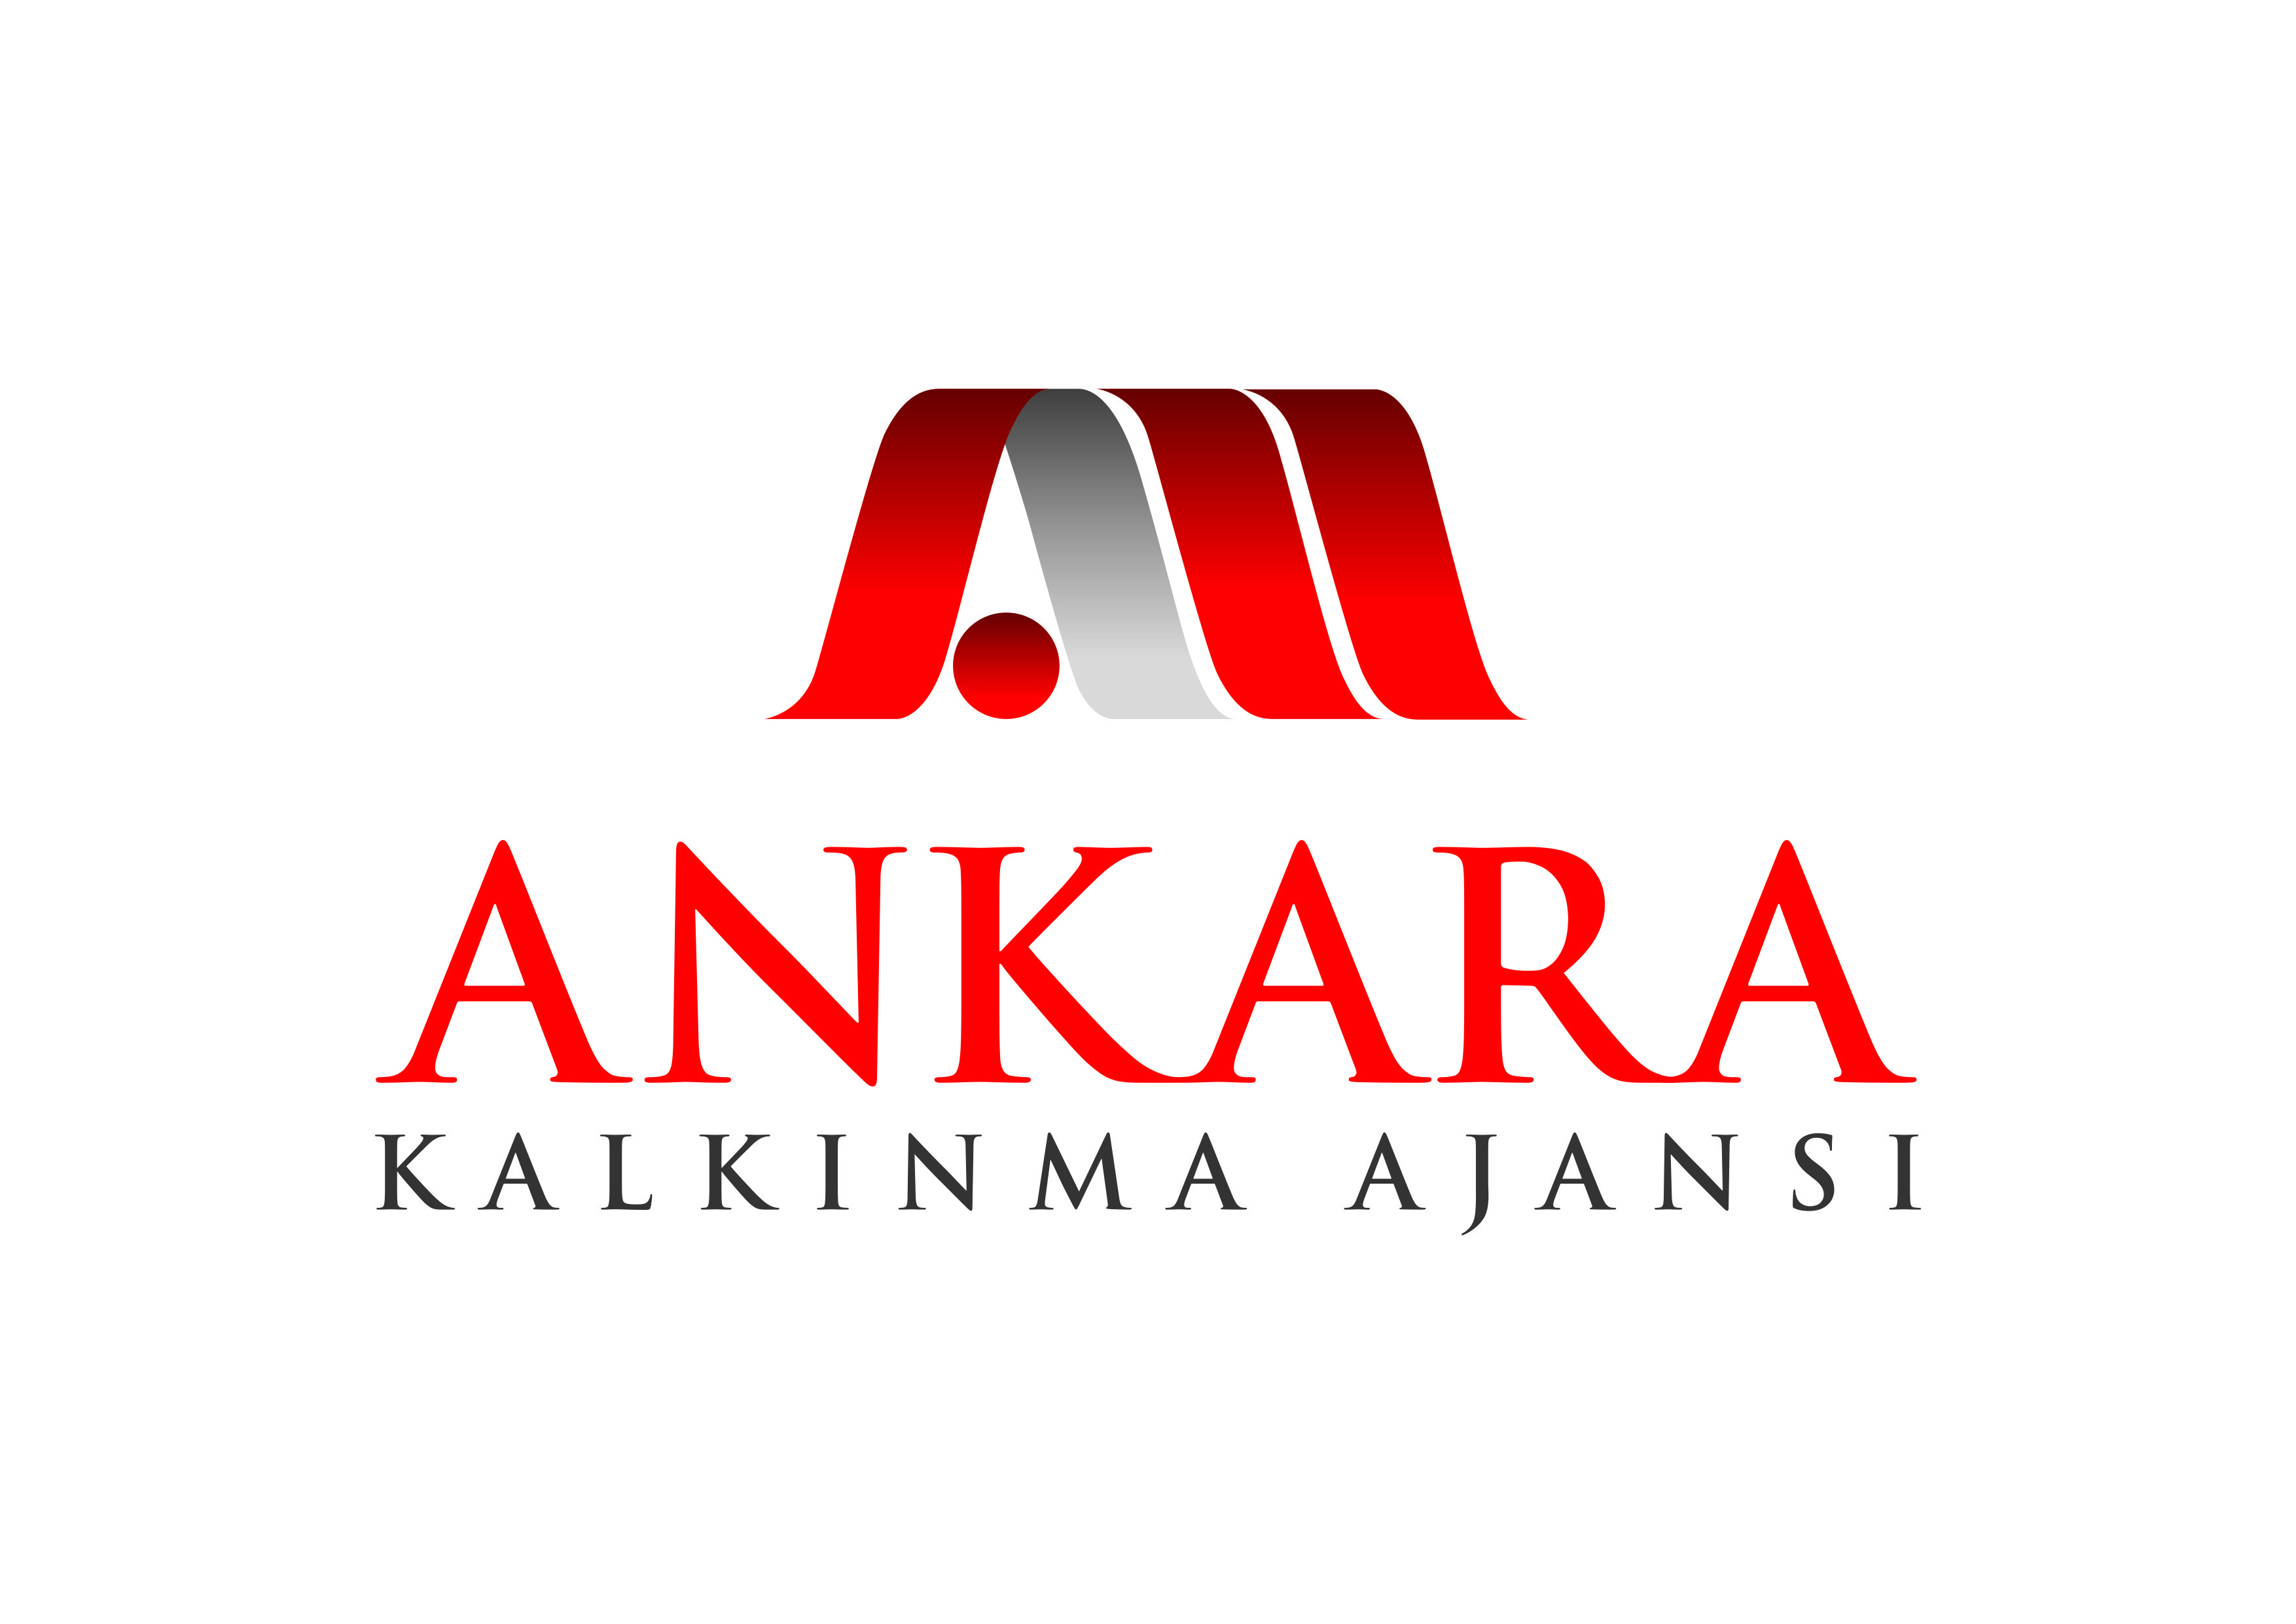 Ankara Kalkınma Ajansı 2017 Yılı Teknik Destek Programı ! VI. Dönem (Kasım – Aralık) Son Başvuru Tarihi: 22 Aralık 2017